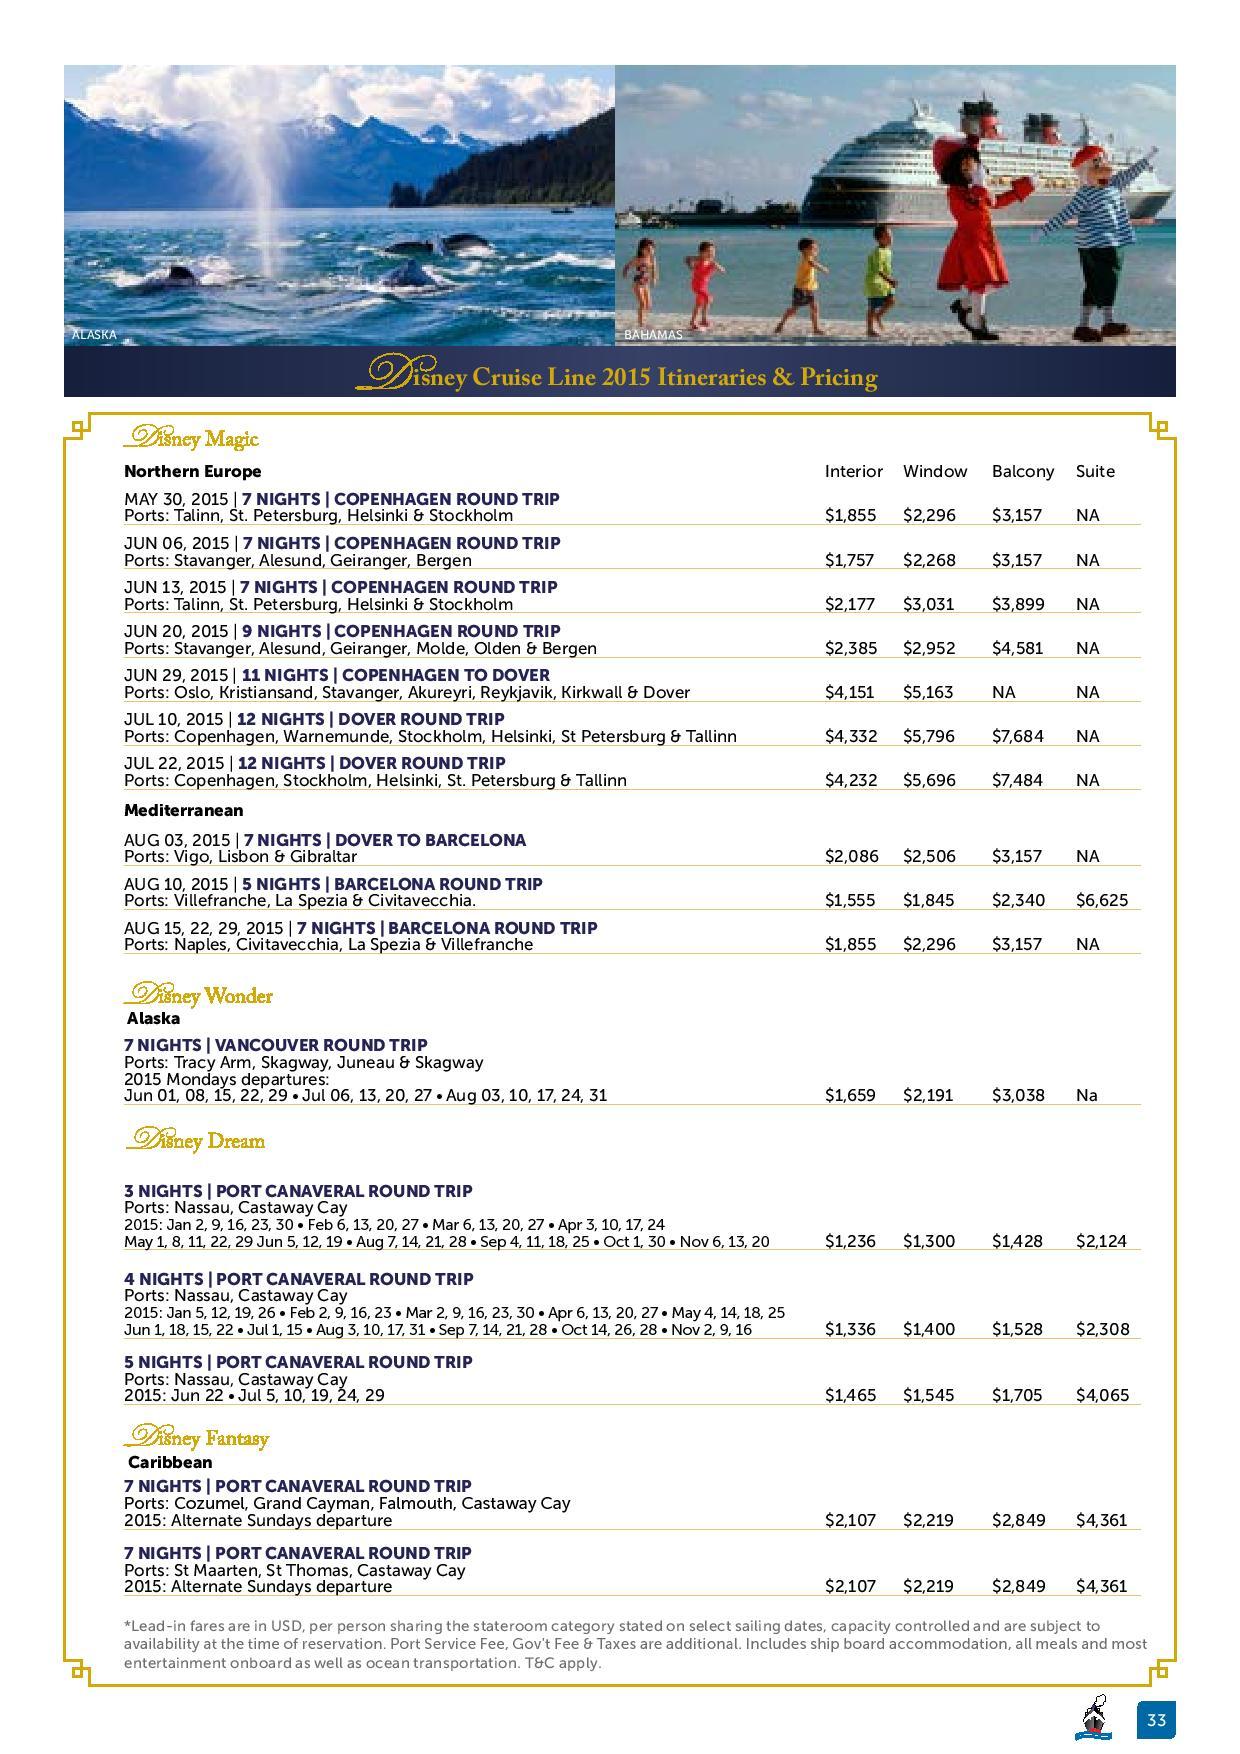 publication-page-033